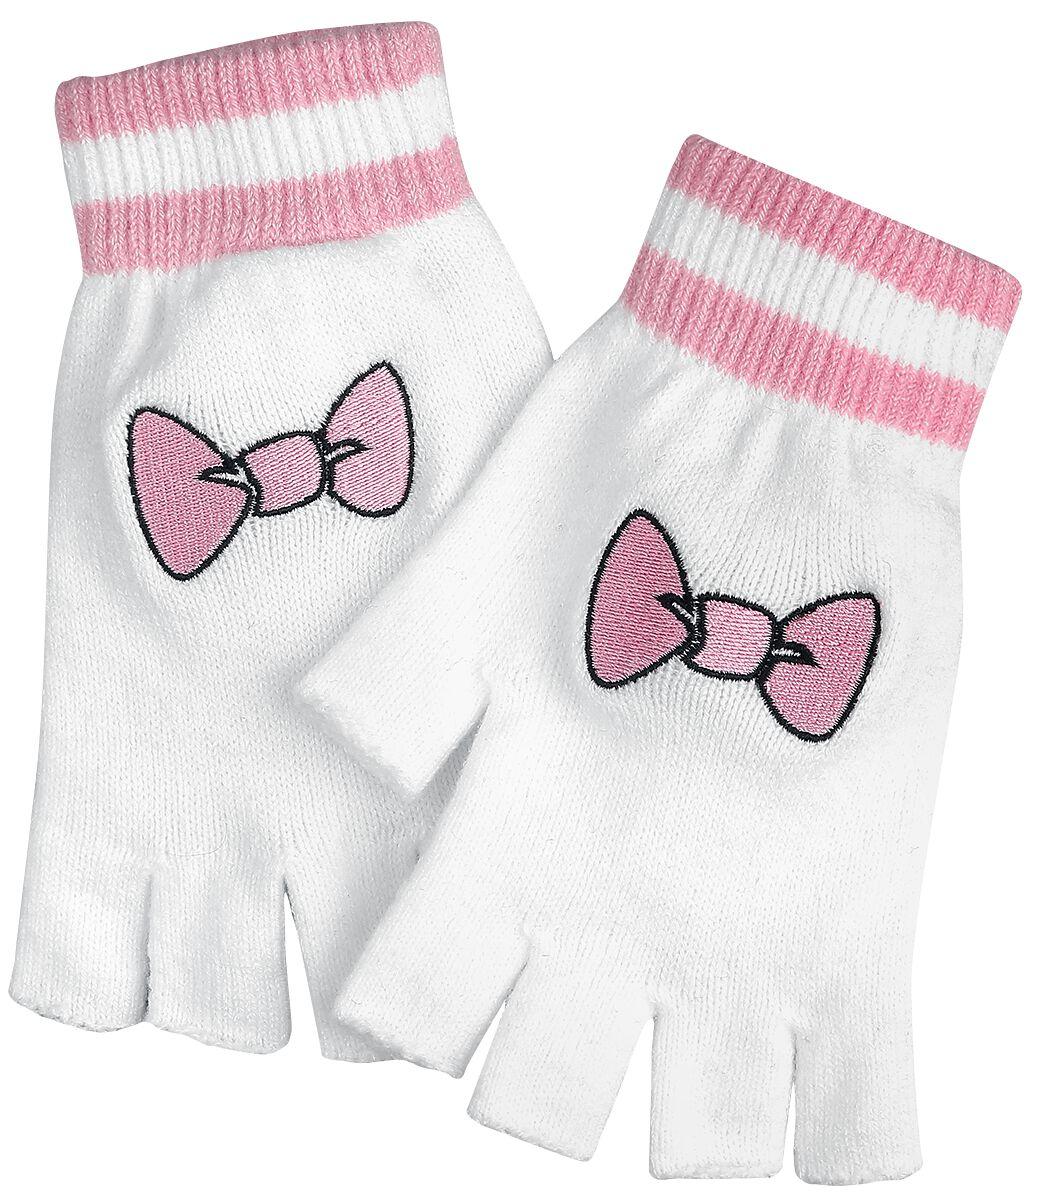 Handschuhe - Aristocats Marie Kurzfingerhandschuhe weiß rosa  - Onlineshop EMP